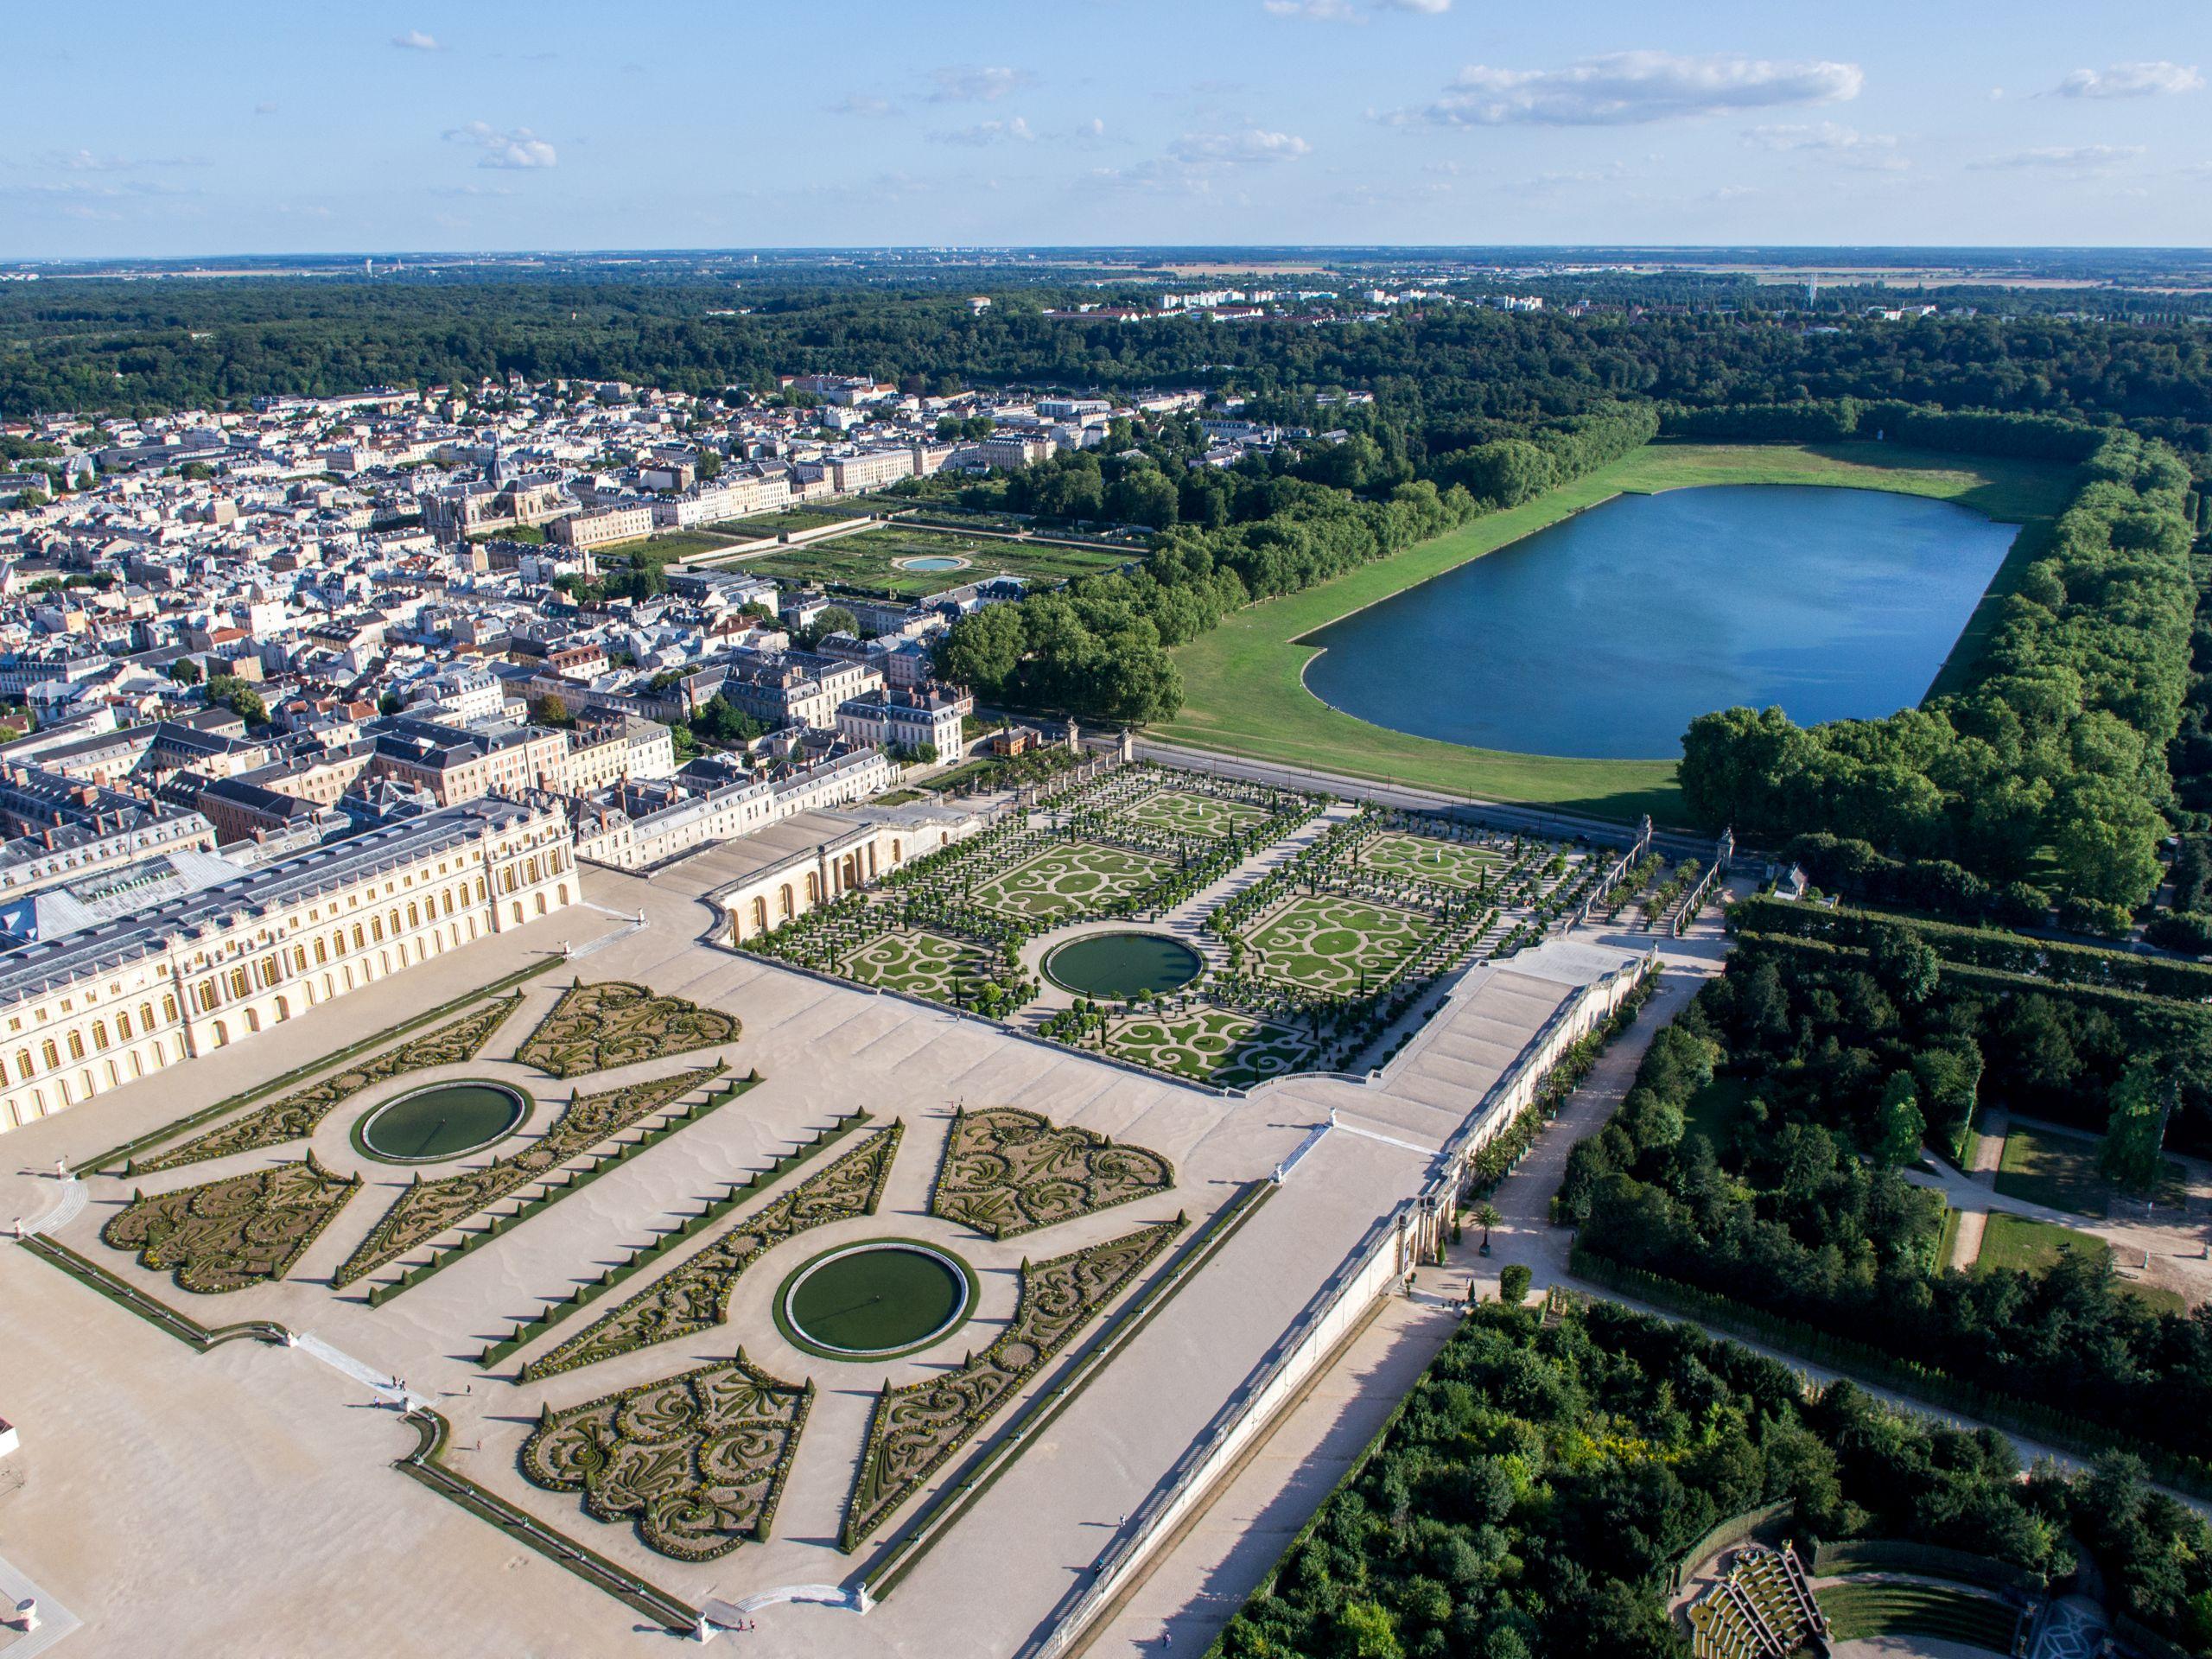 Schloss Versailles Garten Best Of File Vue Aérienne Du Domaine De Versailles Par toucanwings